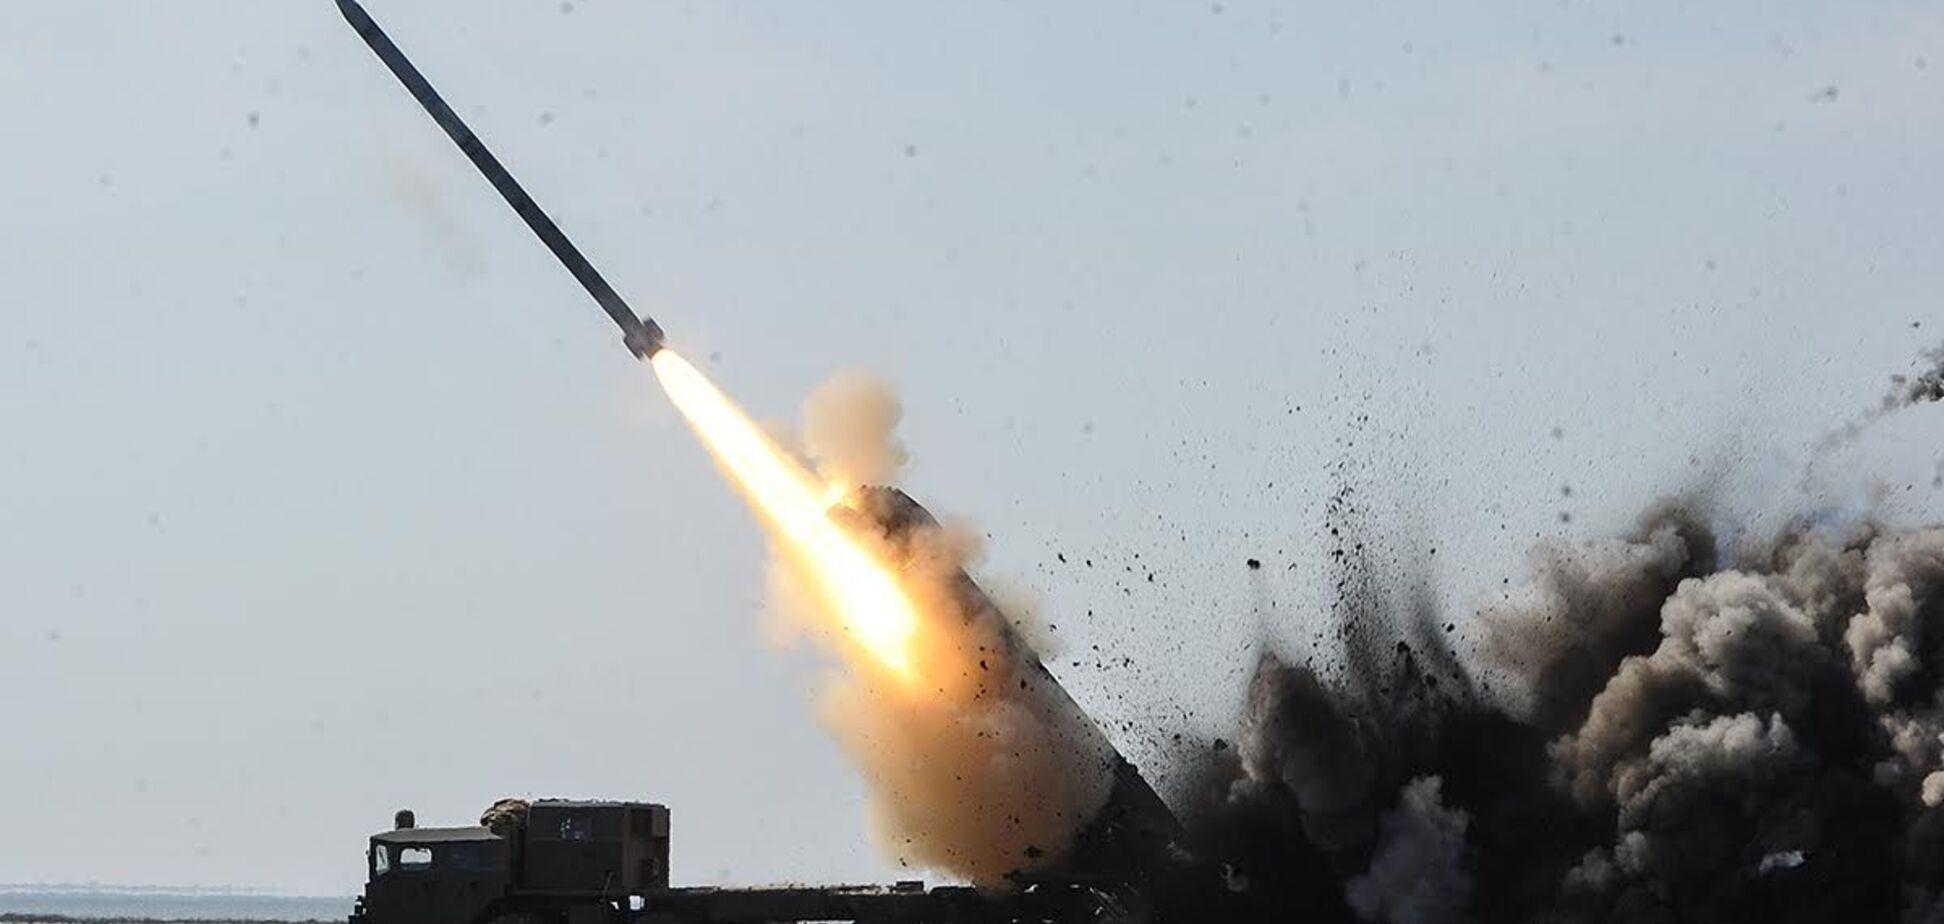 Украинские ракеты должны доставать до Москвы - генерал